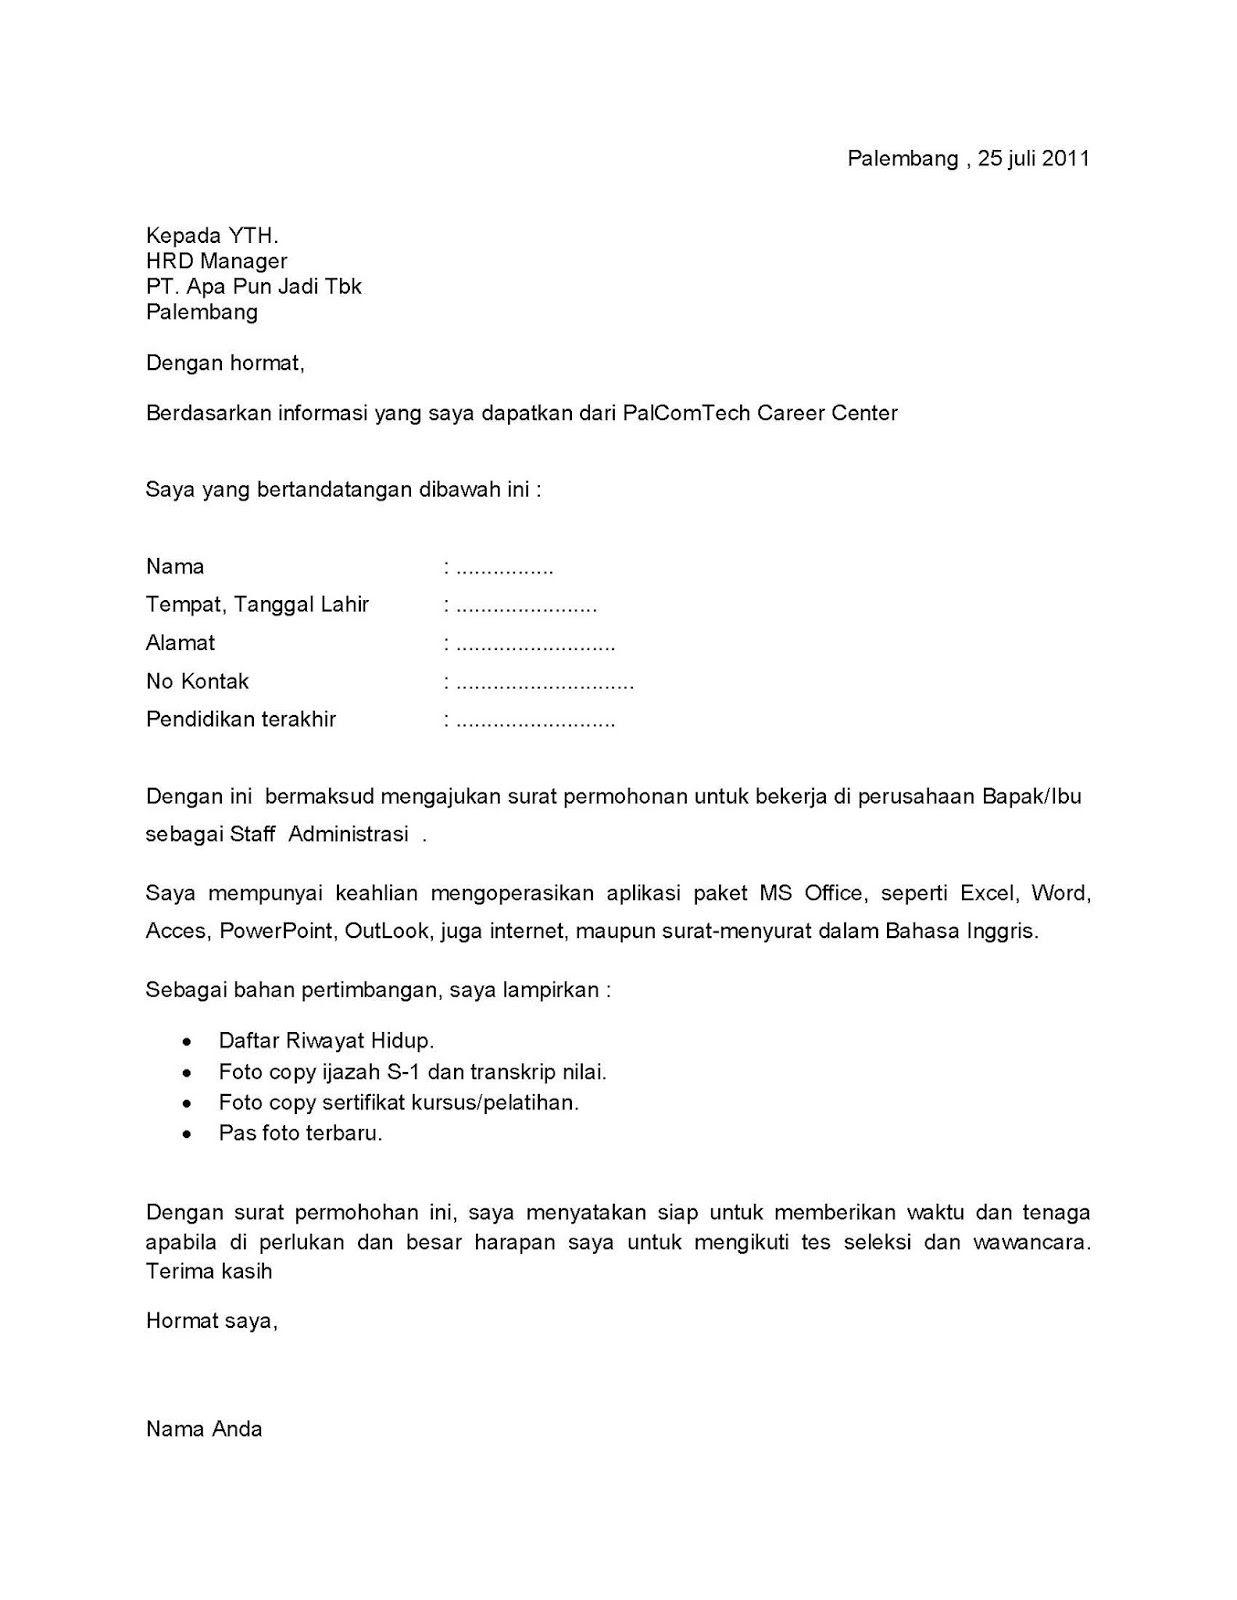 Contoh Surat Lamaran Pekerjaan Di Perusahaan Surat Cv Kreatif Pendidikan